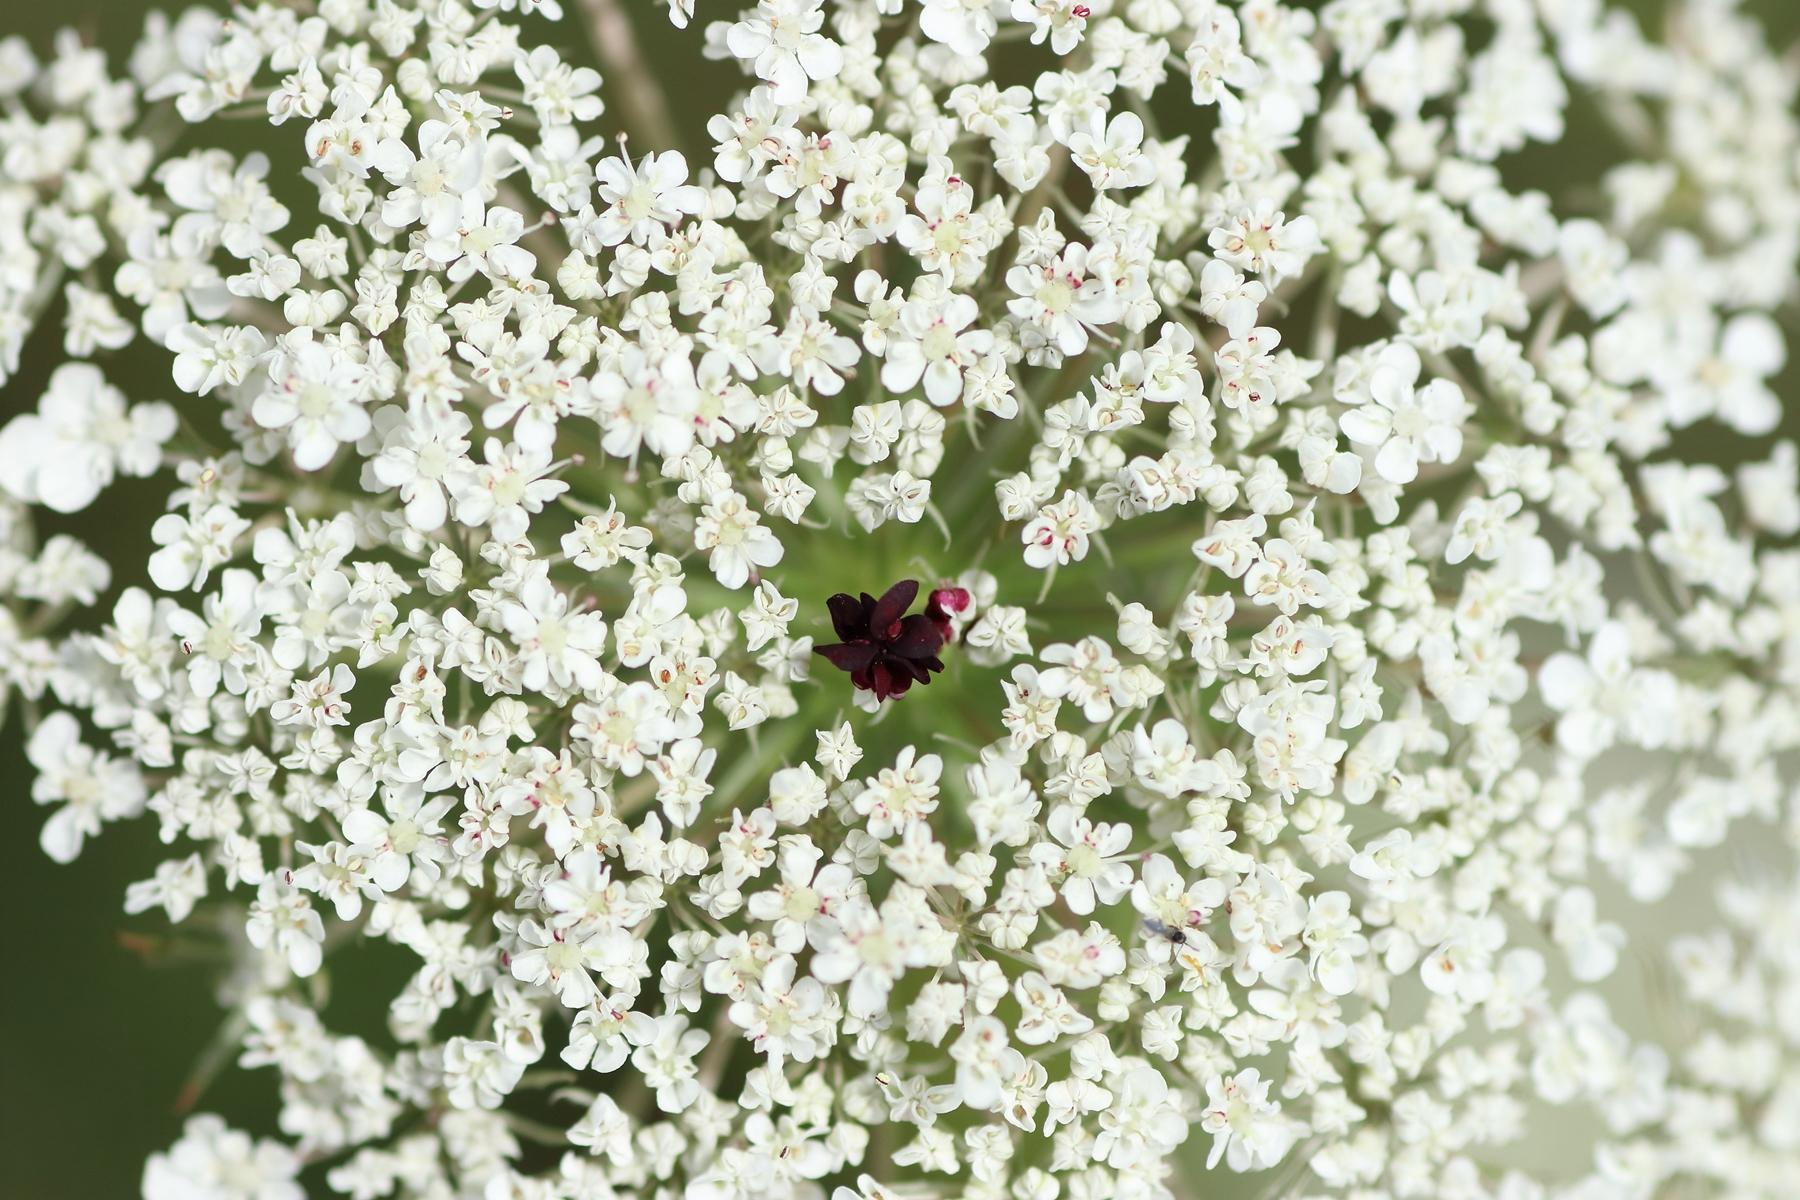 Wilde Möhre - Violette Scheinblüte